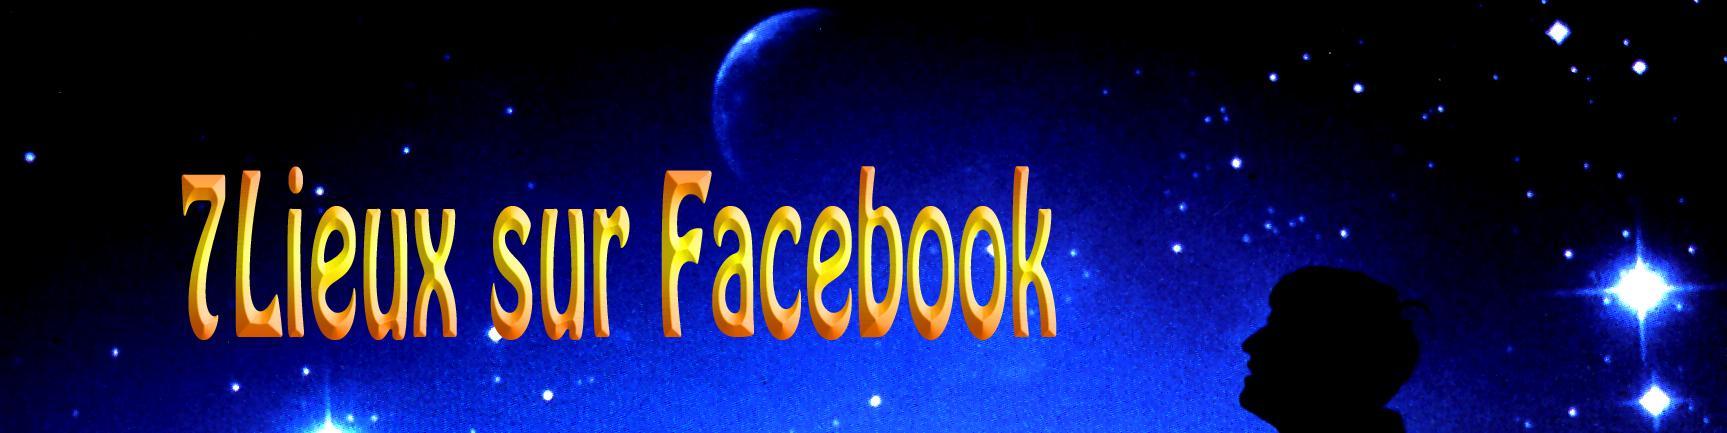 7Lieux sur Facebook